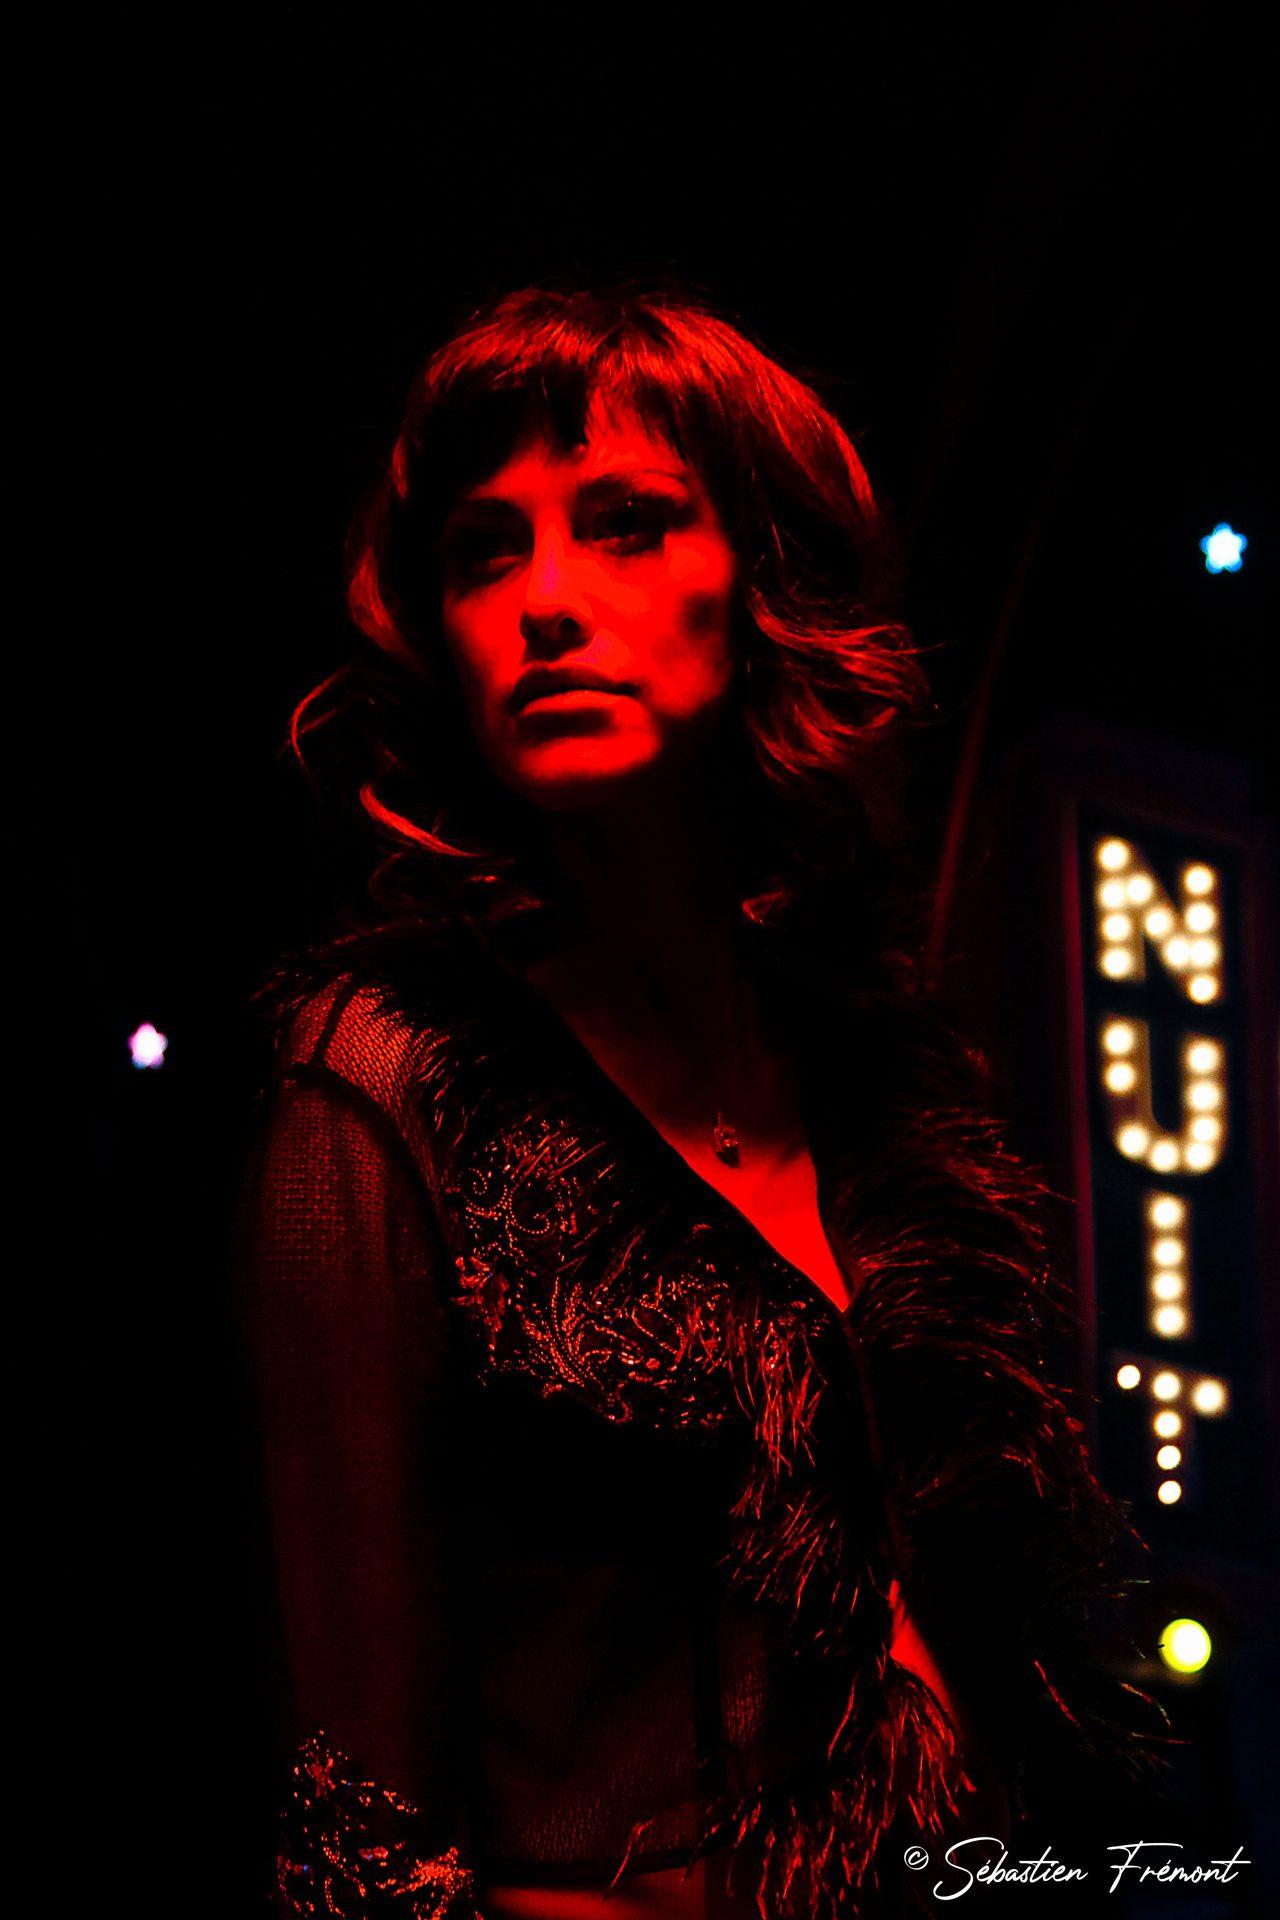 French Photographer Portrait Photography Abigail Lopez-Cruz / Castel